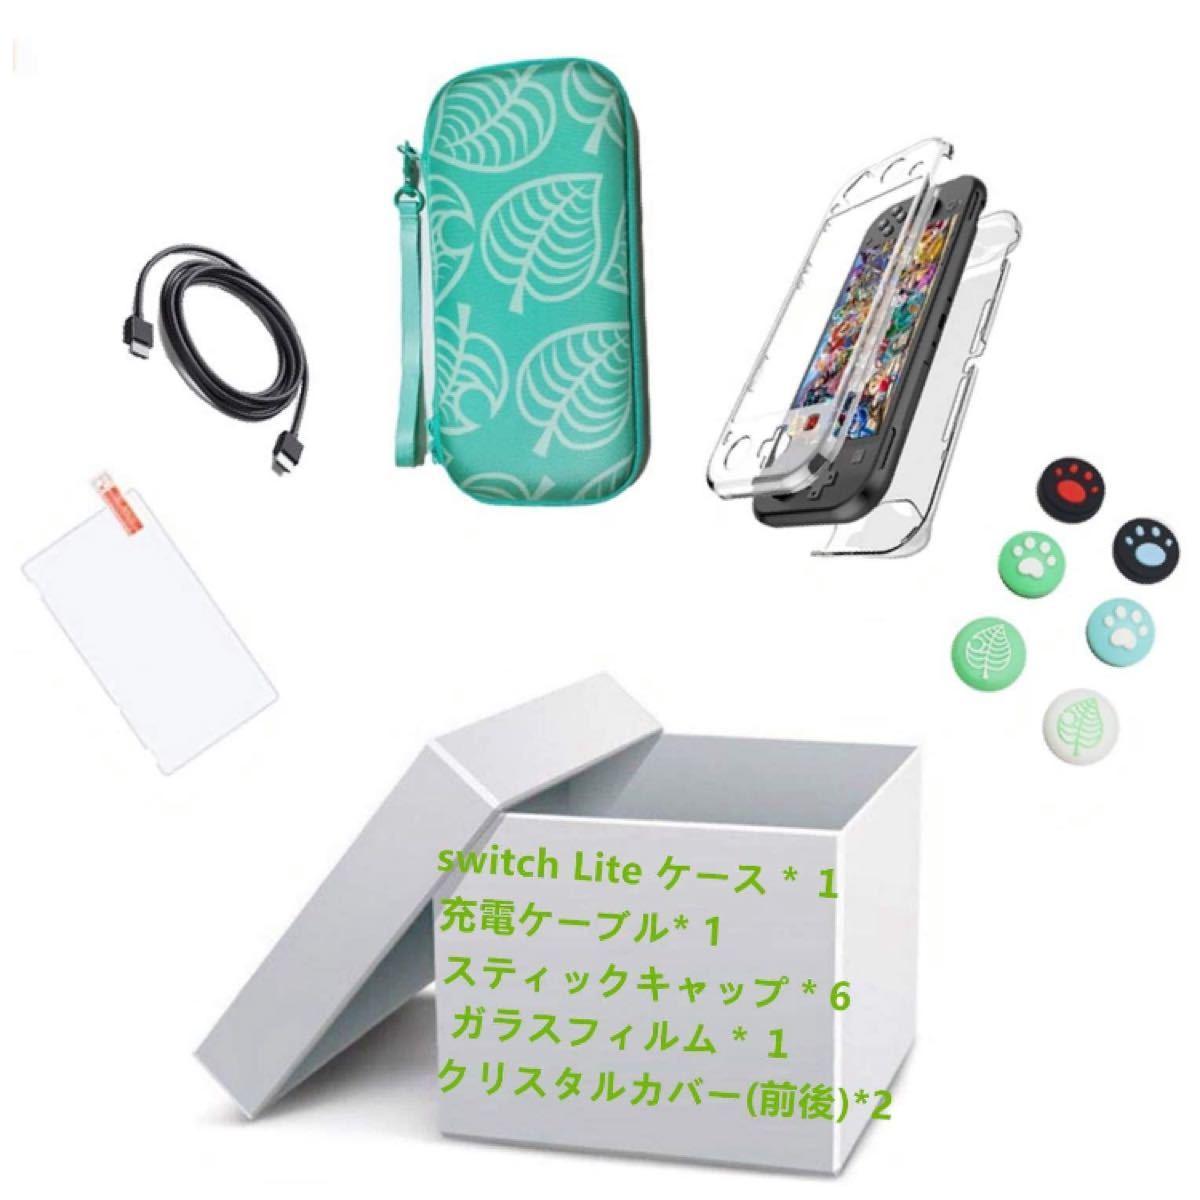 最新 Nintendo Switch Lite ケース 任天堂スイッチ専用収納